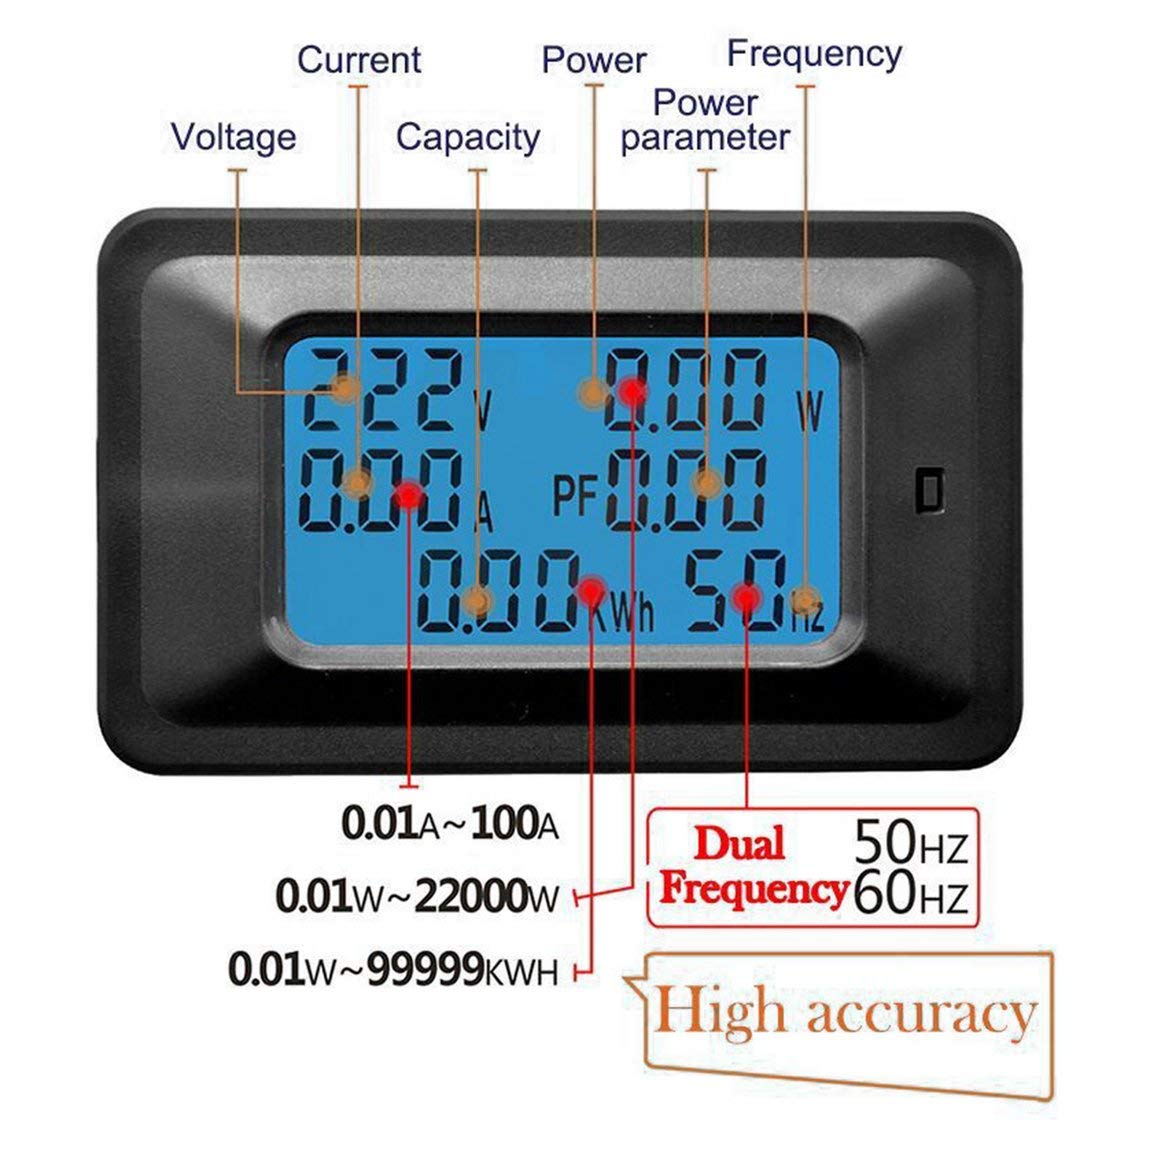 negro 100A AC LCD Panel digital Medidor de potencia en vatios Monitor Volt/ímetro Amper/ímetro Probador de corriente de voltaje para electrodom/ésticos